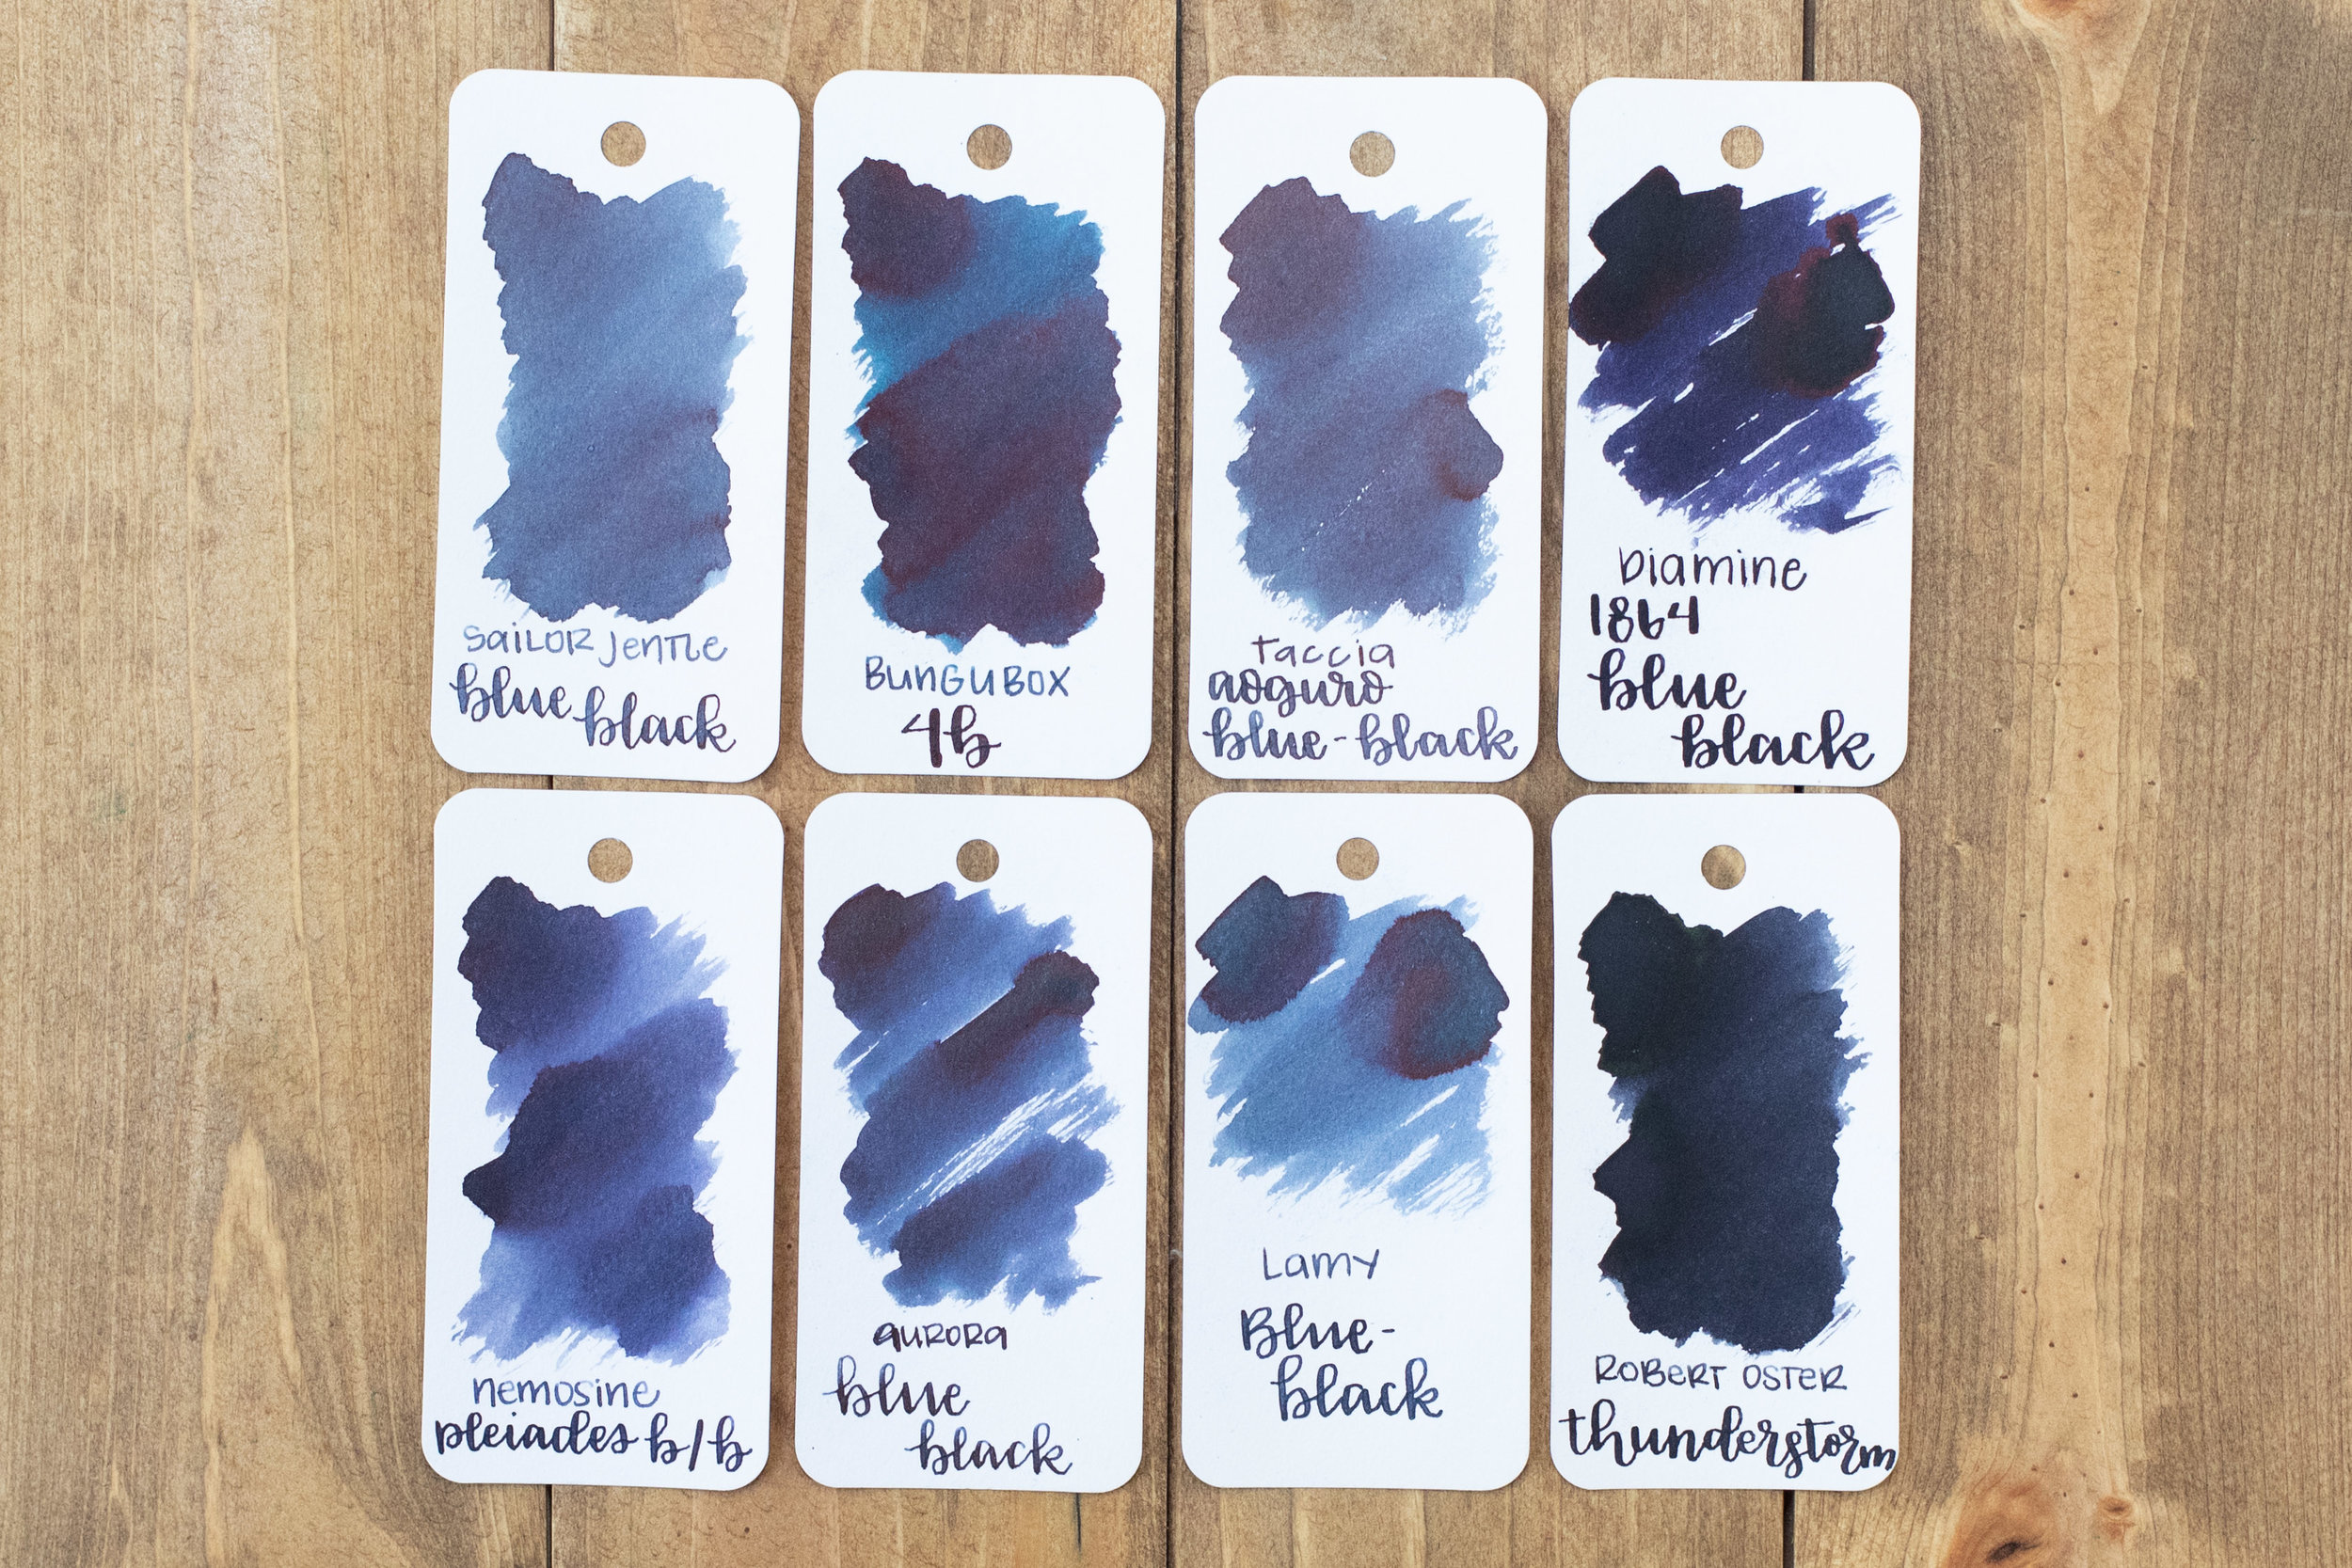 tac-aoguro-blue-black-w-1.jpg